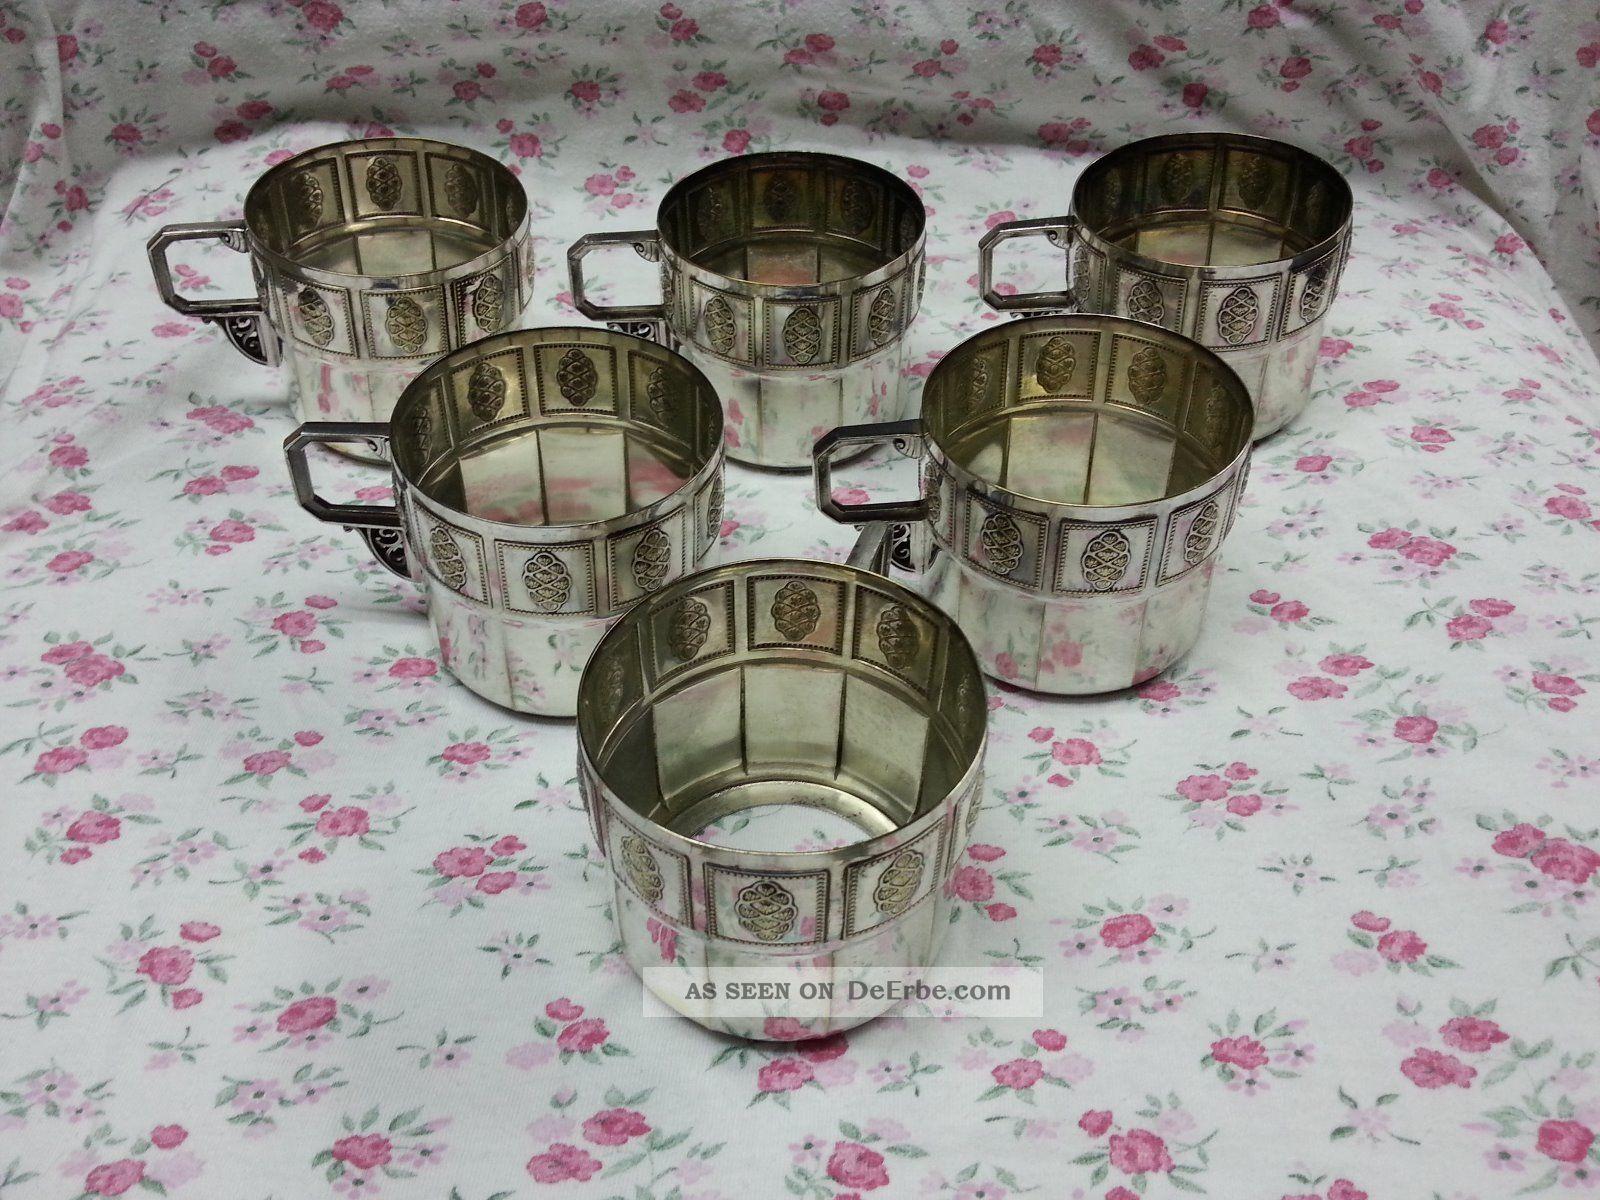 6 Alte Jugendstil - Wmf Teeglashalter Straußenmarke Objekte vor 1945 Bild